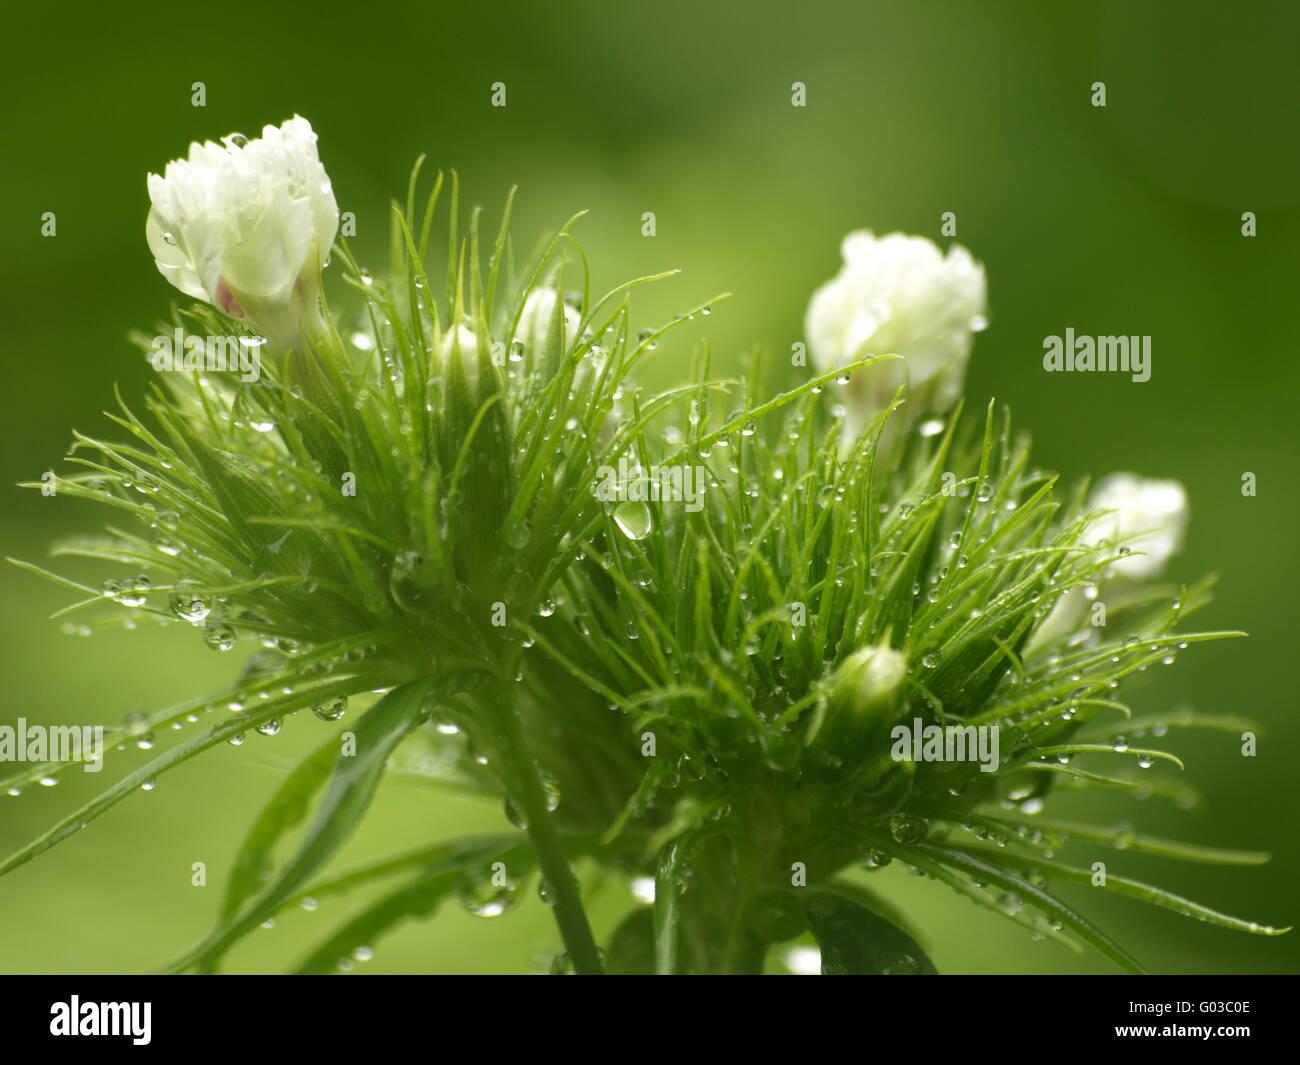 Sweet William - Stock Image